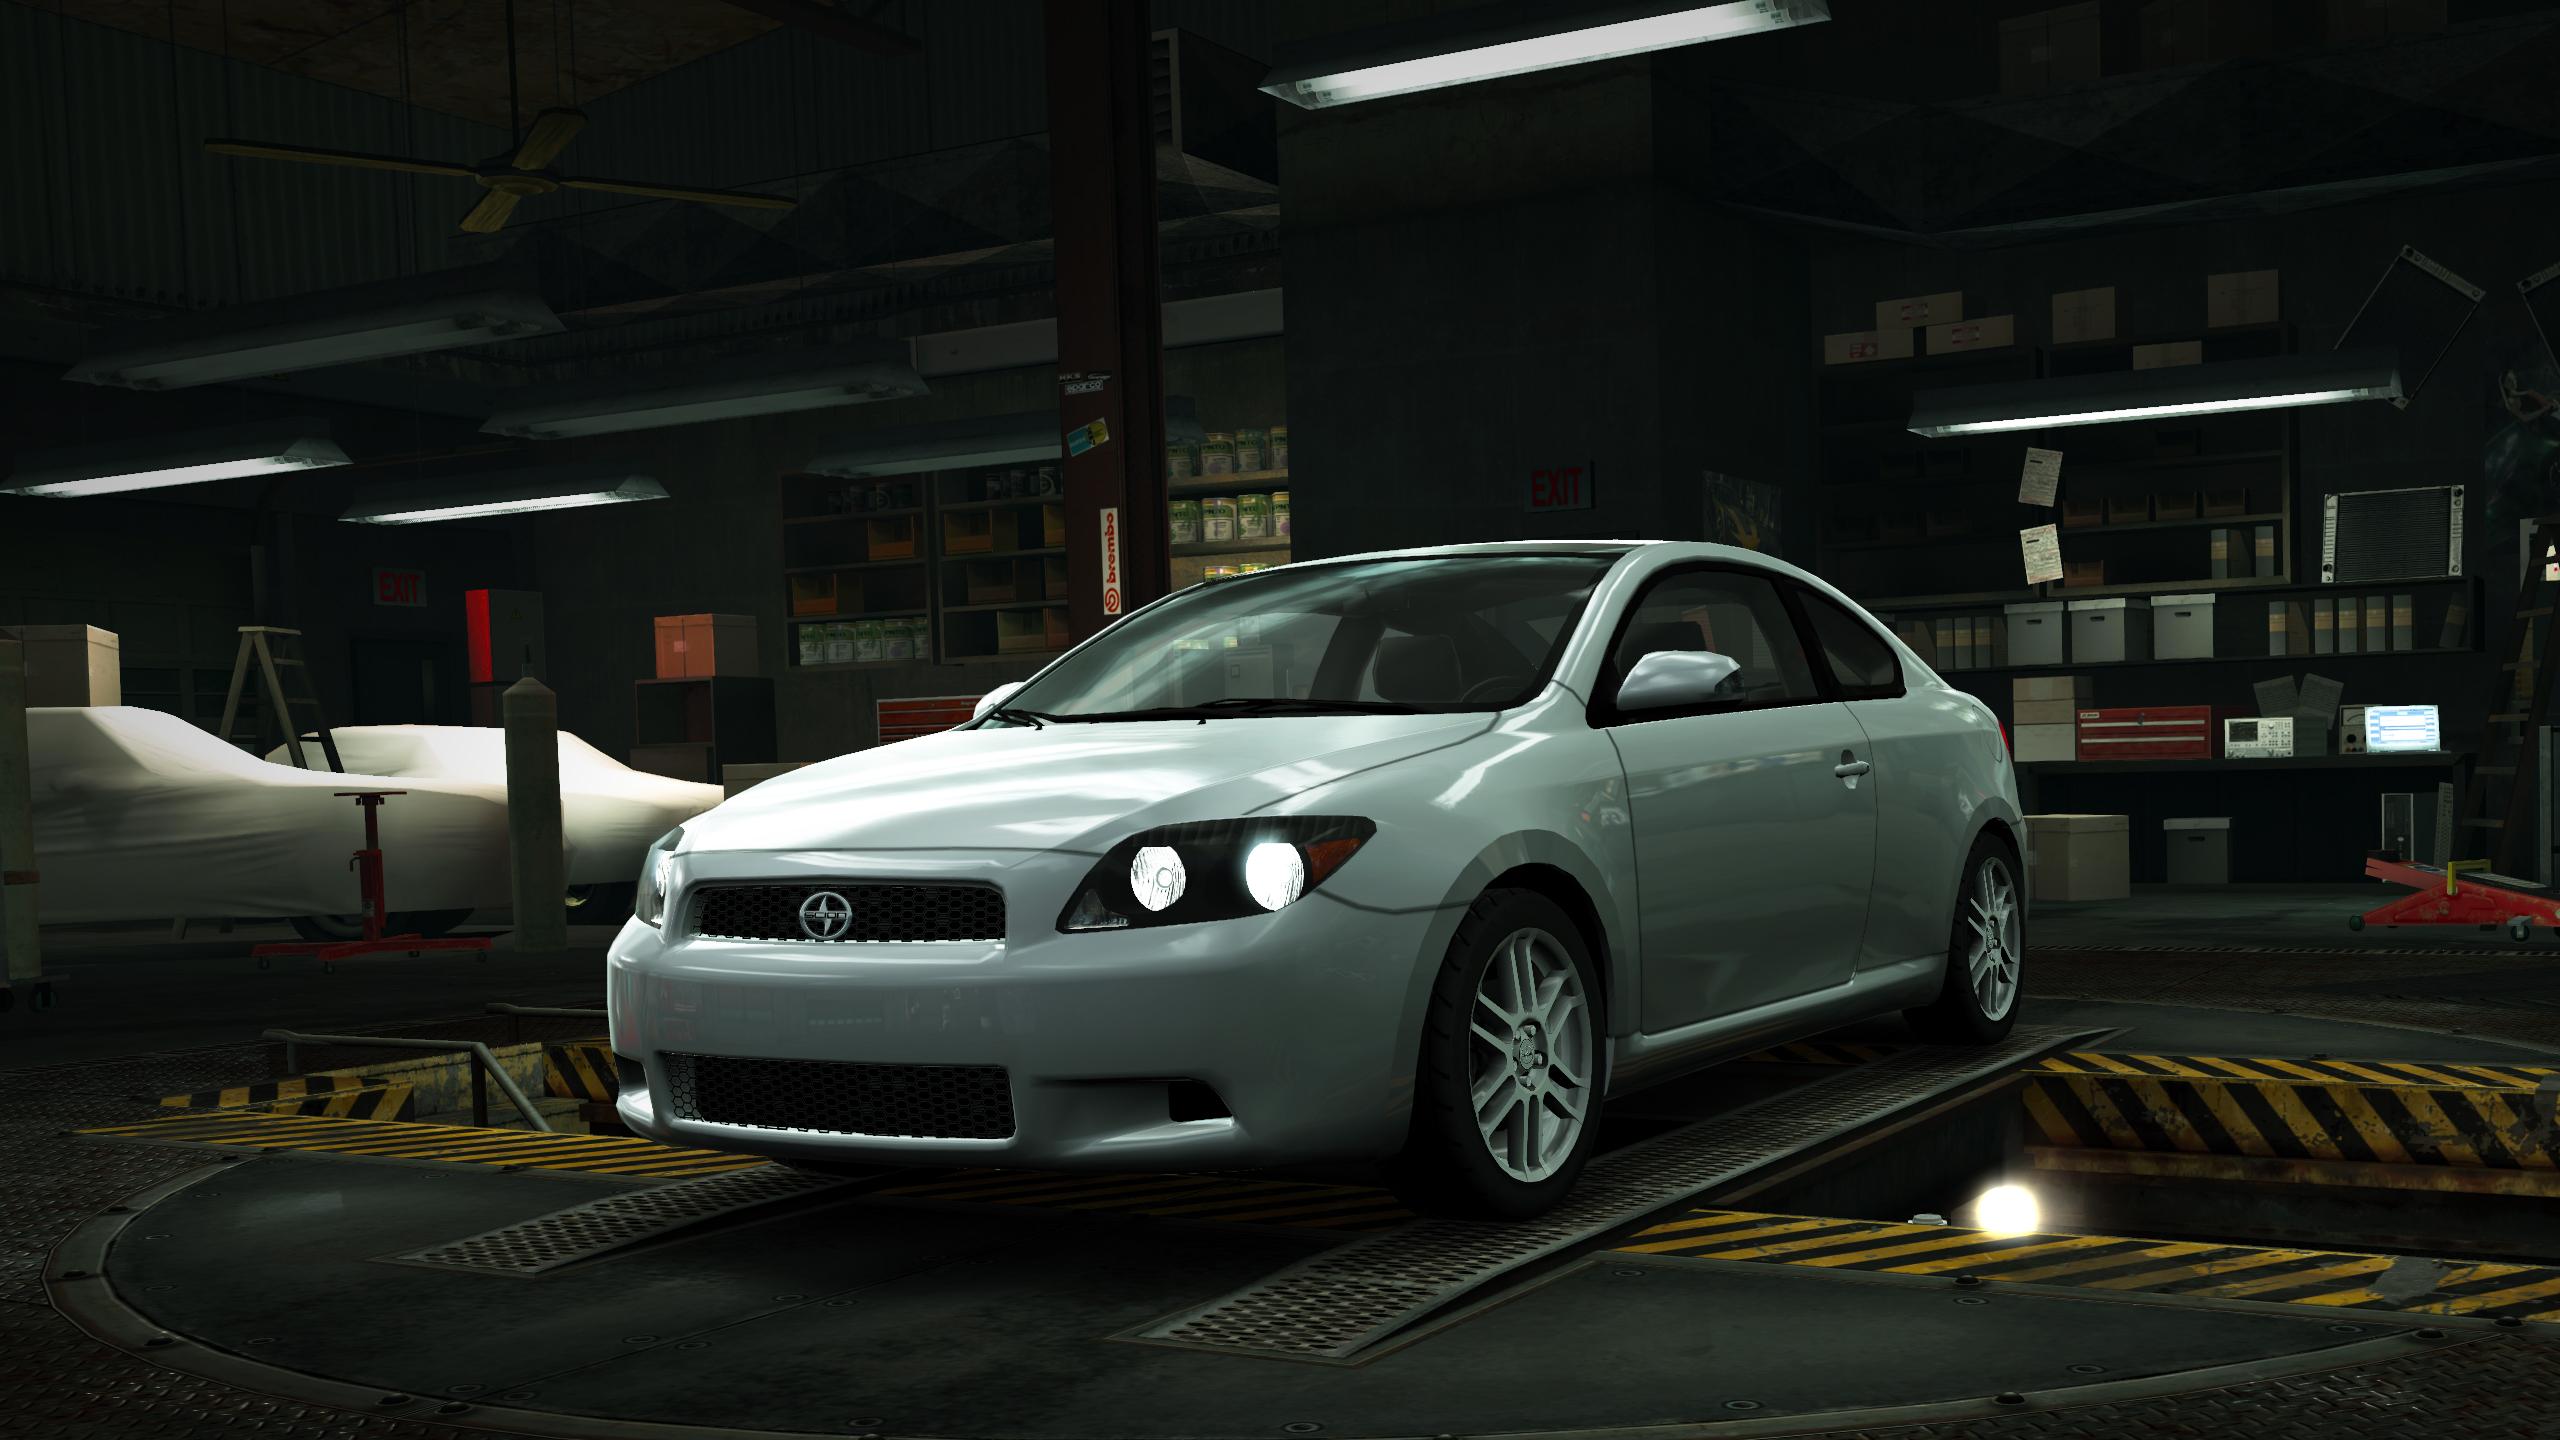 Scion tC | Need for Speed Wiki | FANDOM powered by Wikia